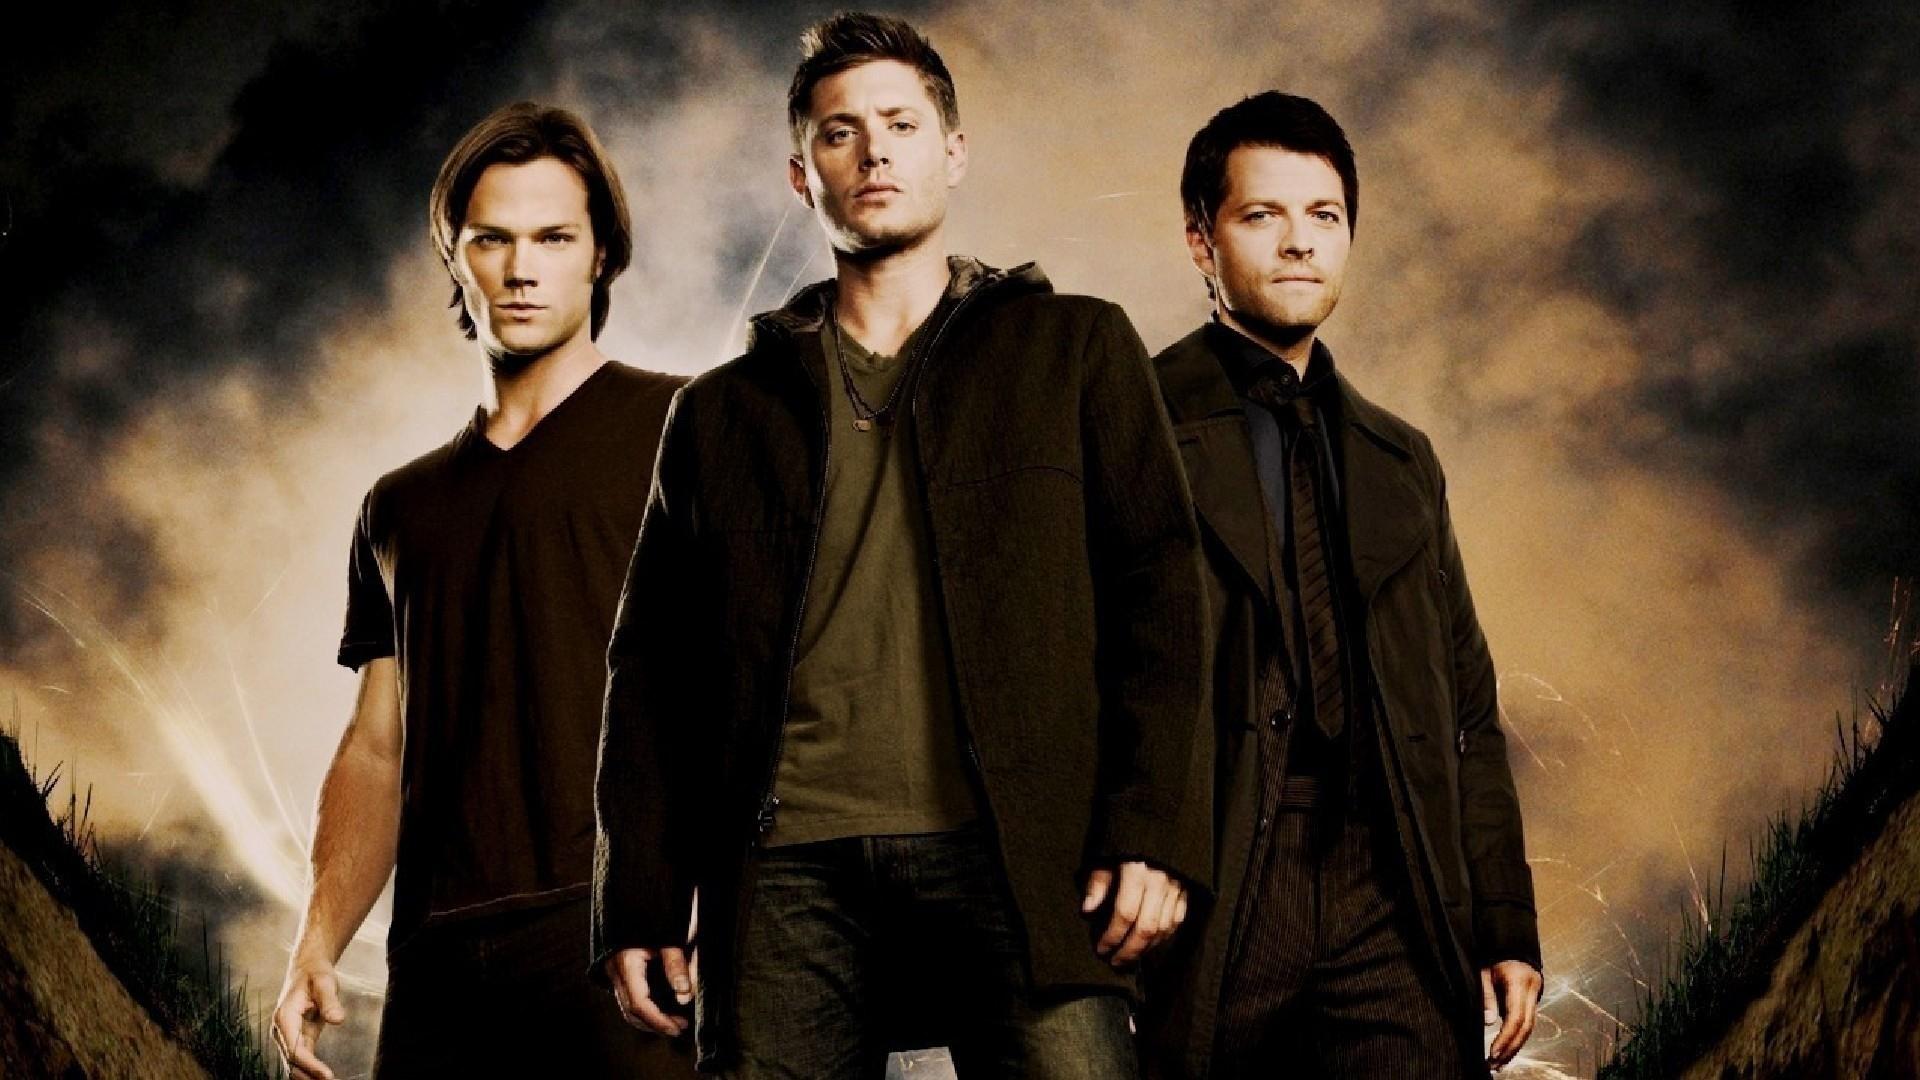 Supernatural Wallpaper Season 10